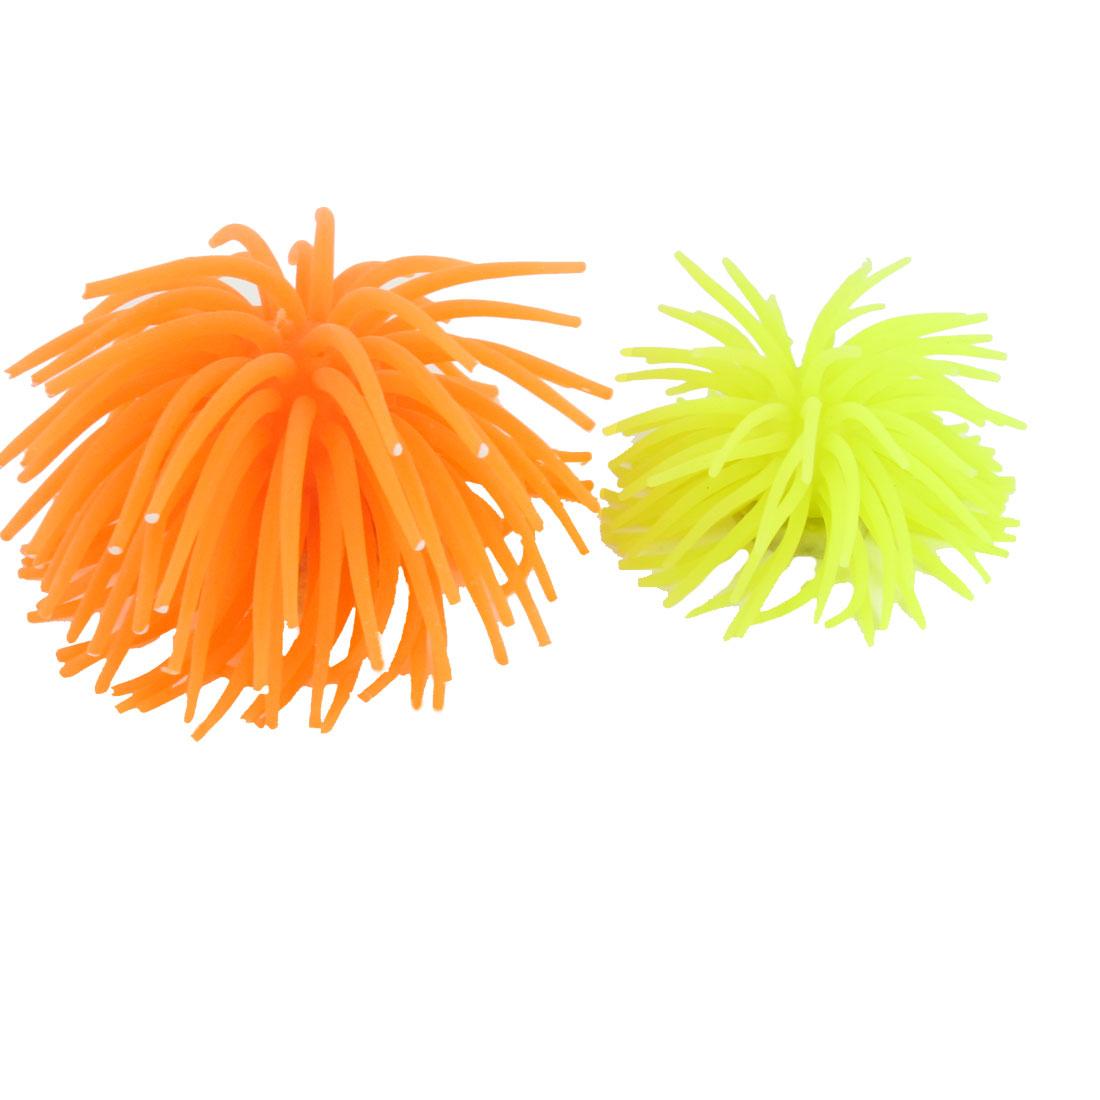 2 Pcs Ceramic Base Orange Yellow Silicone Aquarium Artificial Decoration Corals